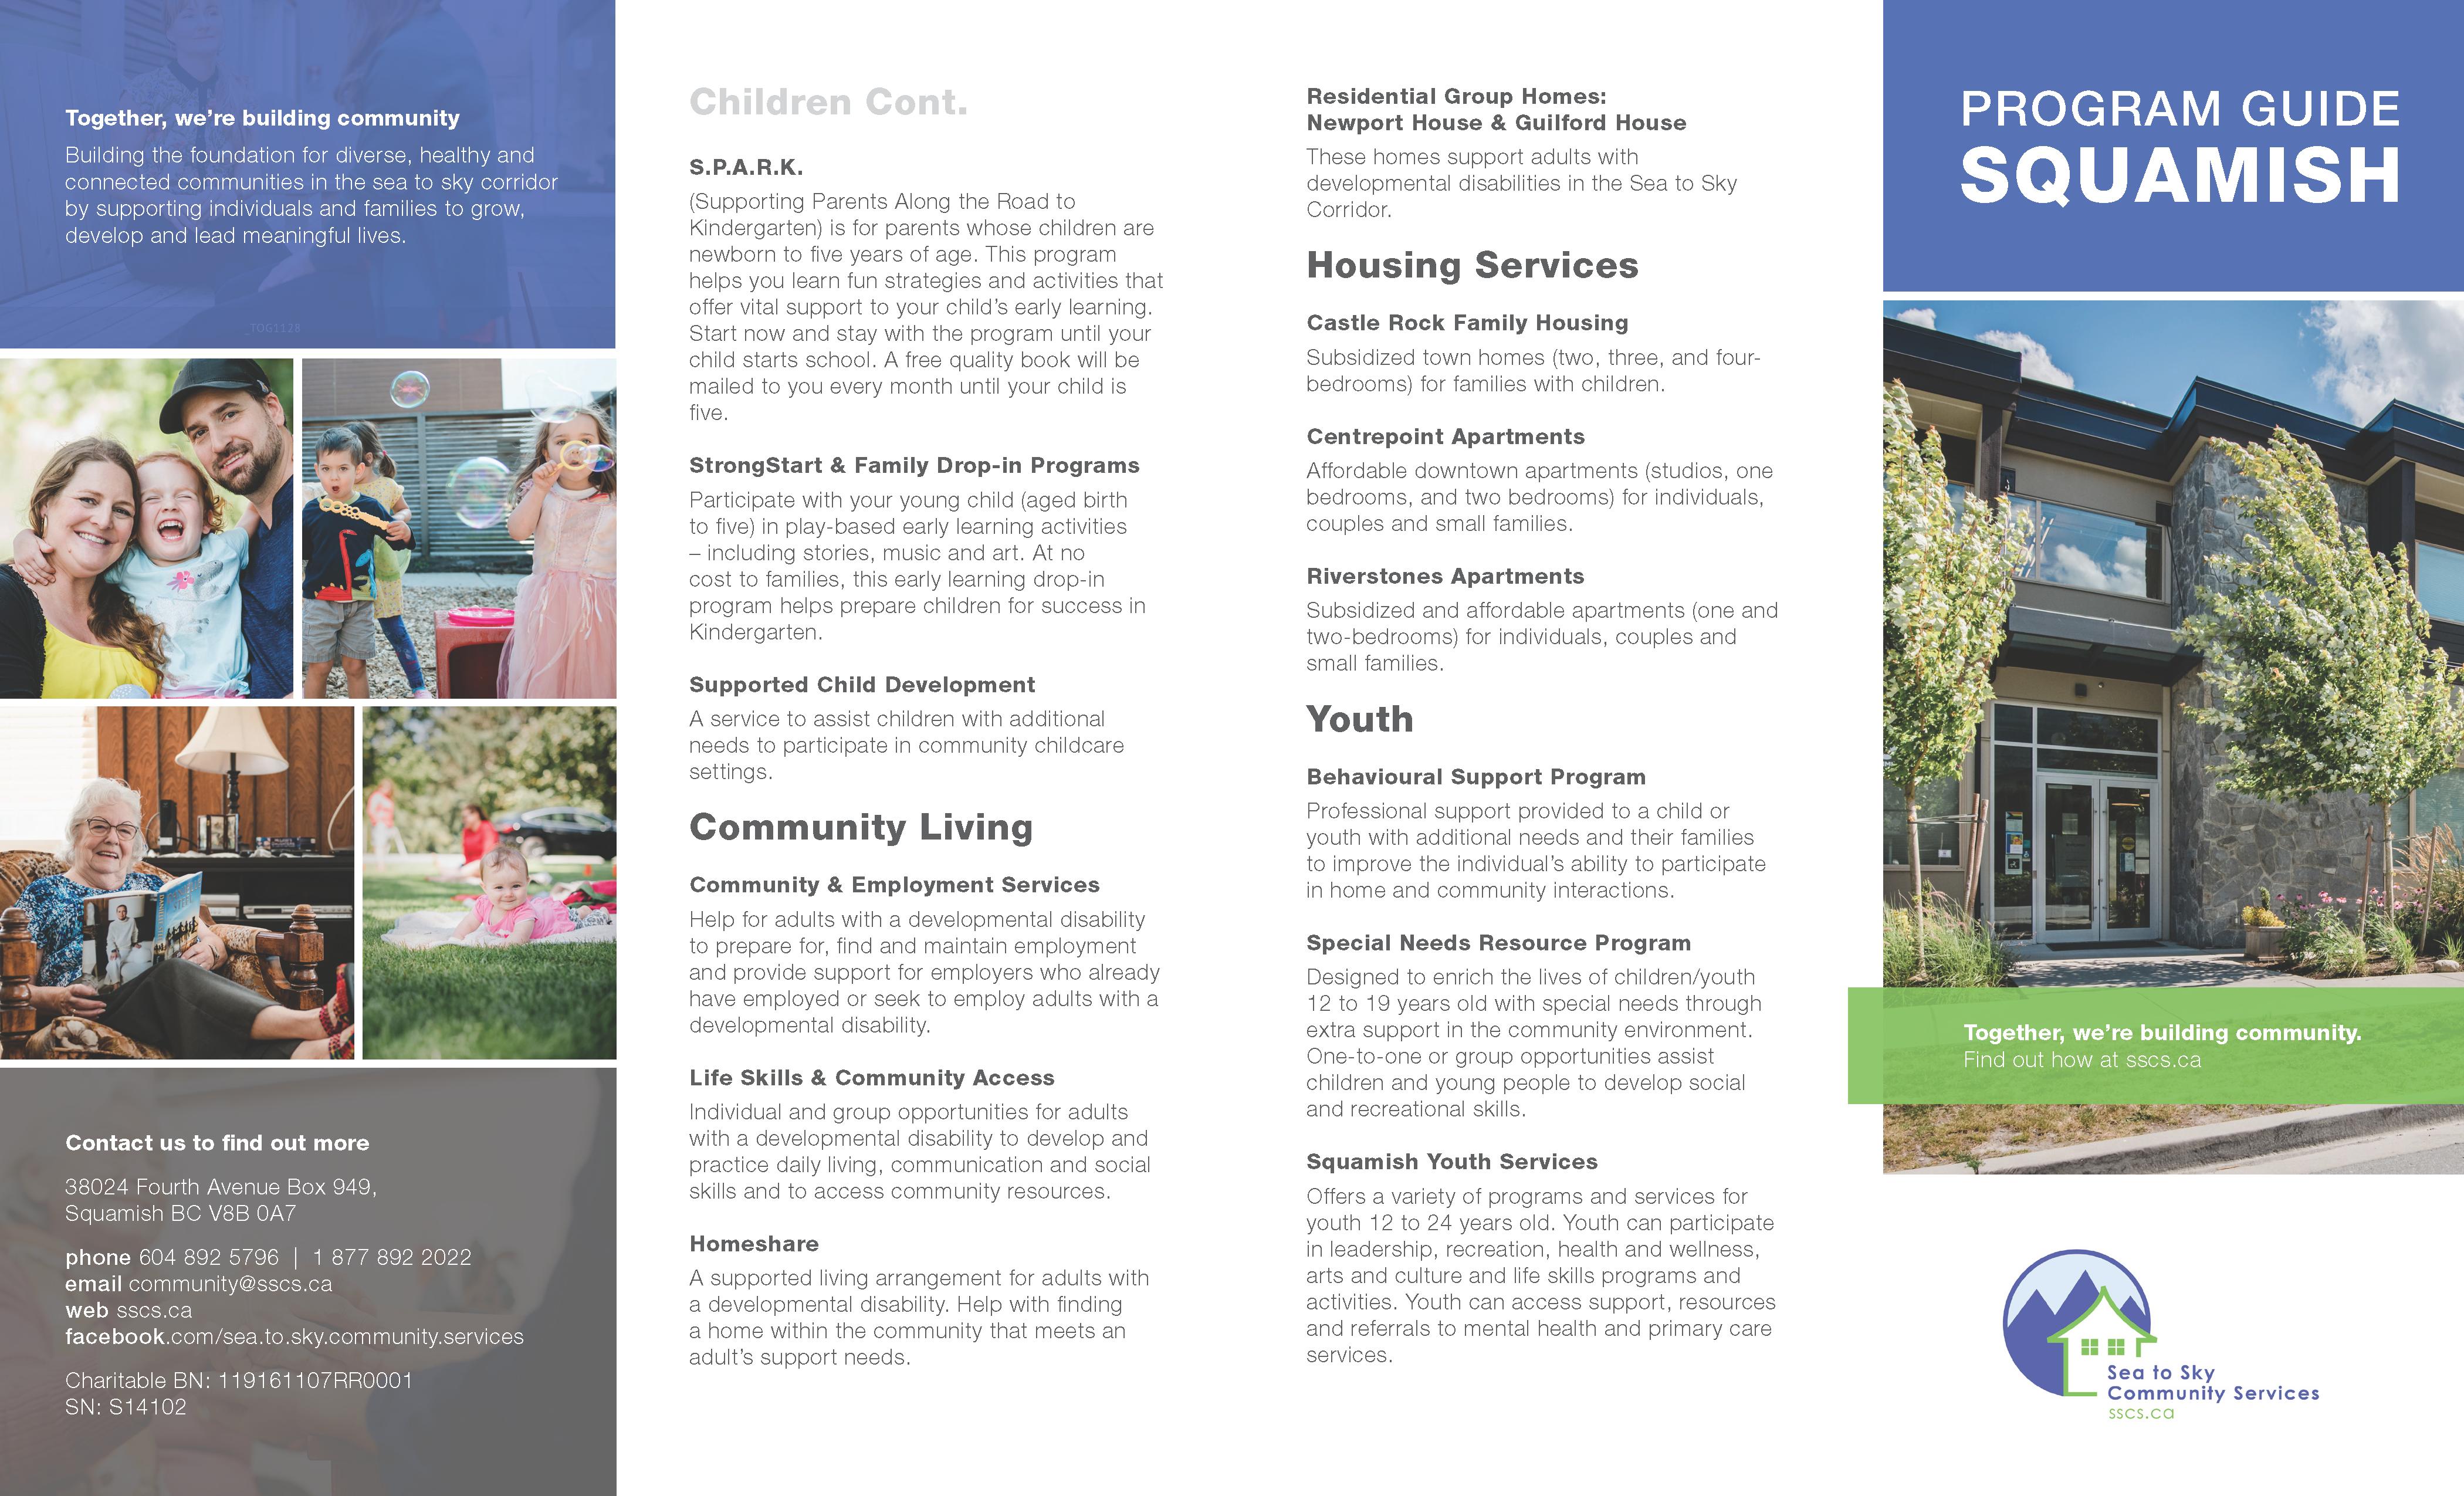 Squamish Program Guide